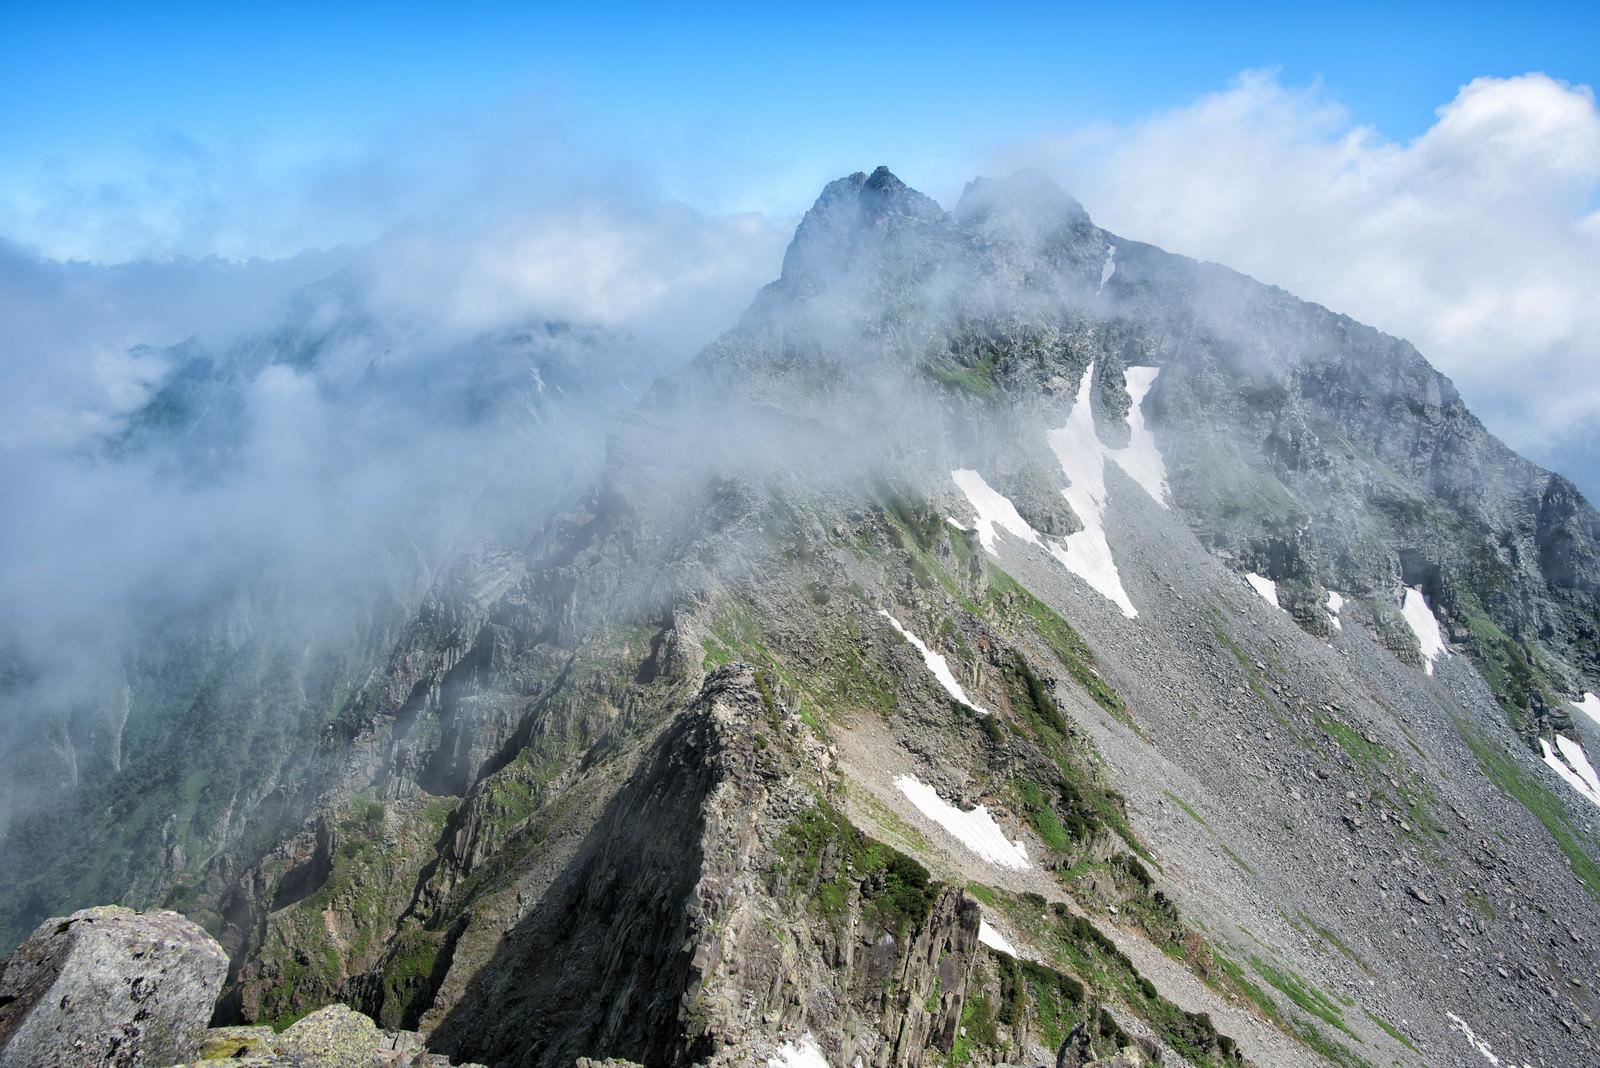 「涸沢槍から眺める北穂高岳(北アルプス)」の写真